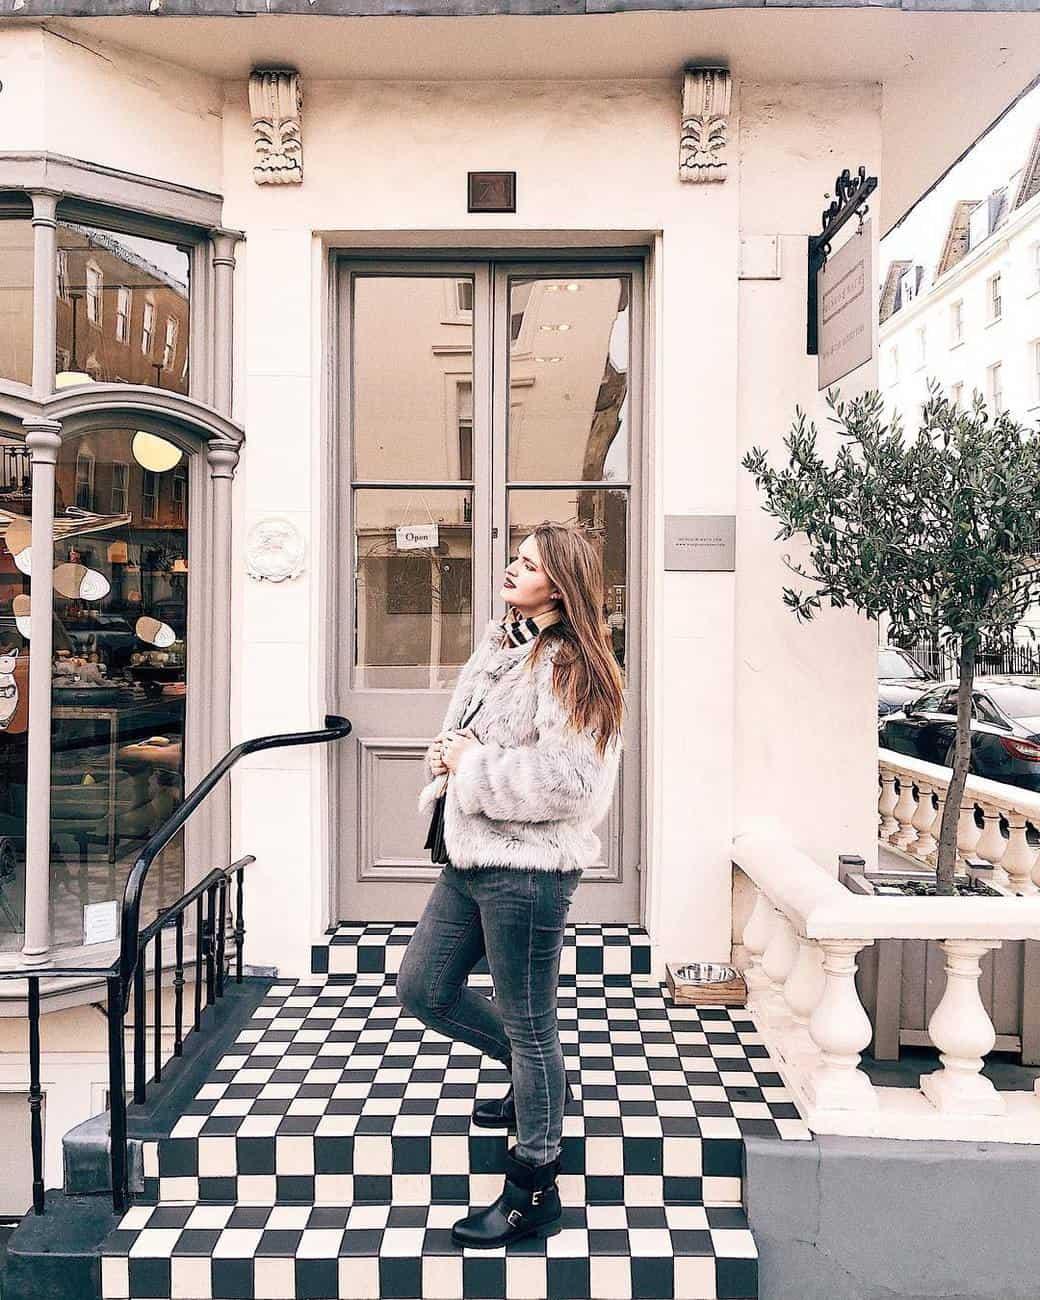 Belgravia in London